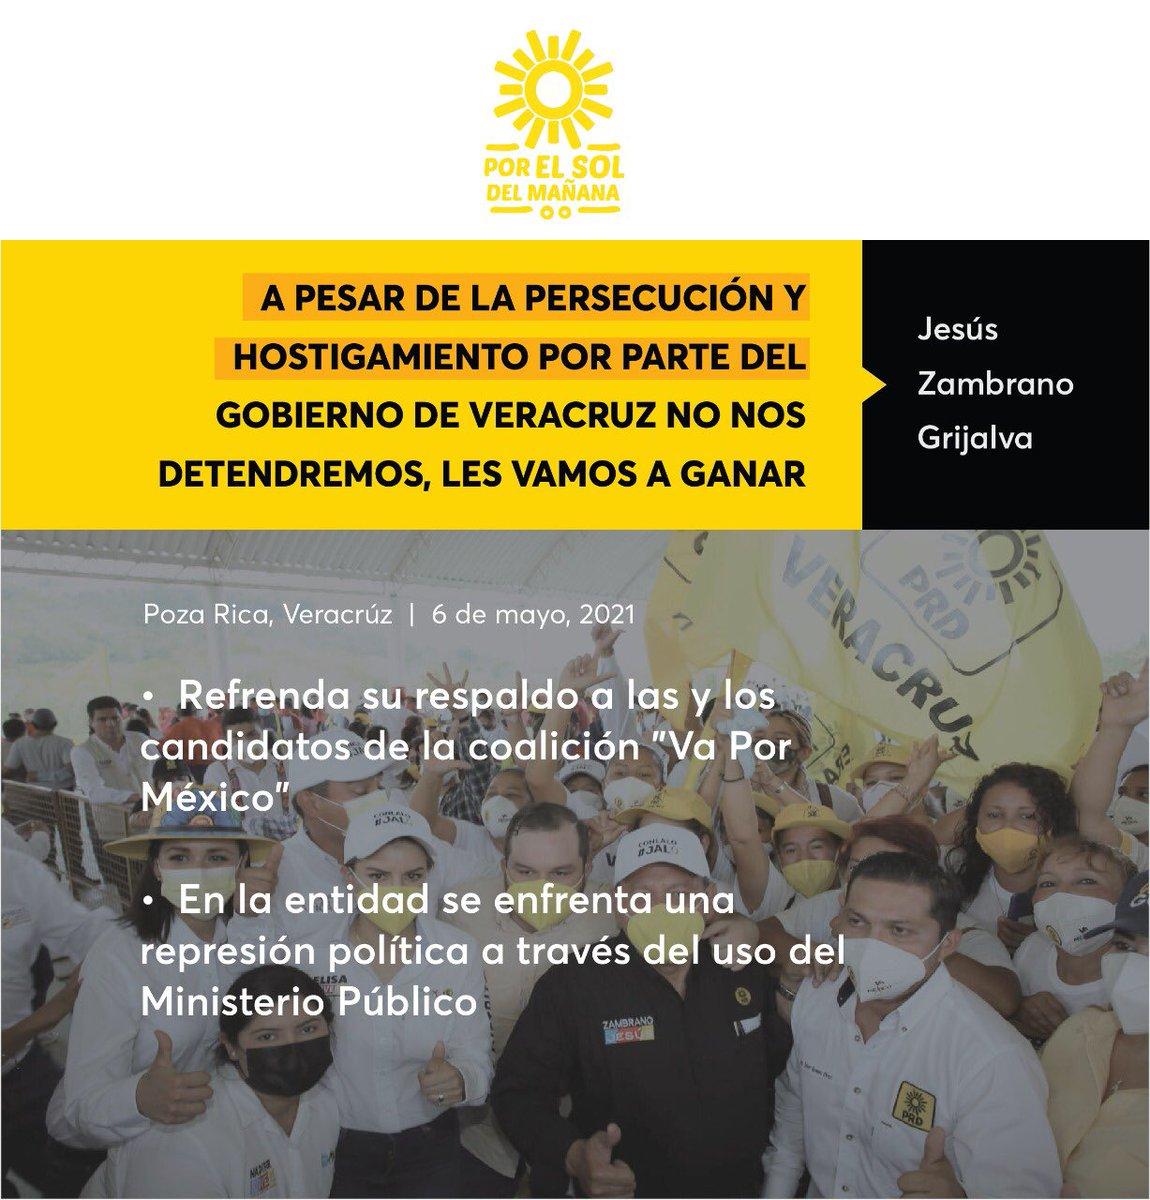 A pesar de la persecución y hostigamiento por parte del gobierno de Veracruz no nos detendremos, les vamos a ganar: @Jesus_ZambranoG   Comunicado 📃🔆➡️  https://t.co/vSGuUG4sy1 https://t.co/kUhscbY7rr